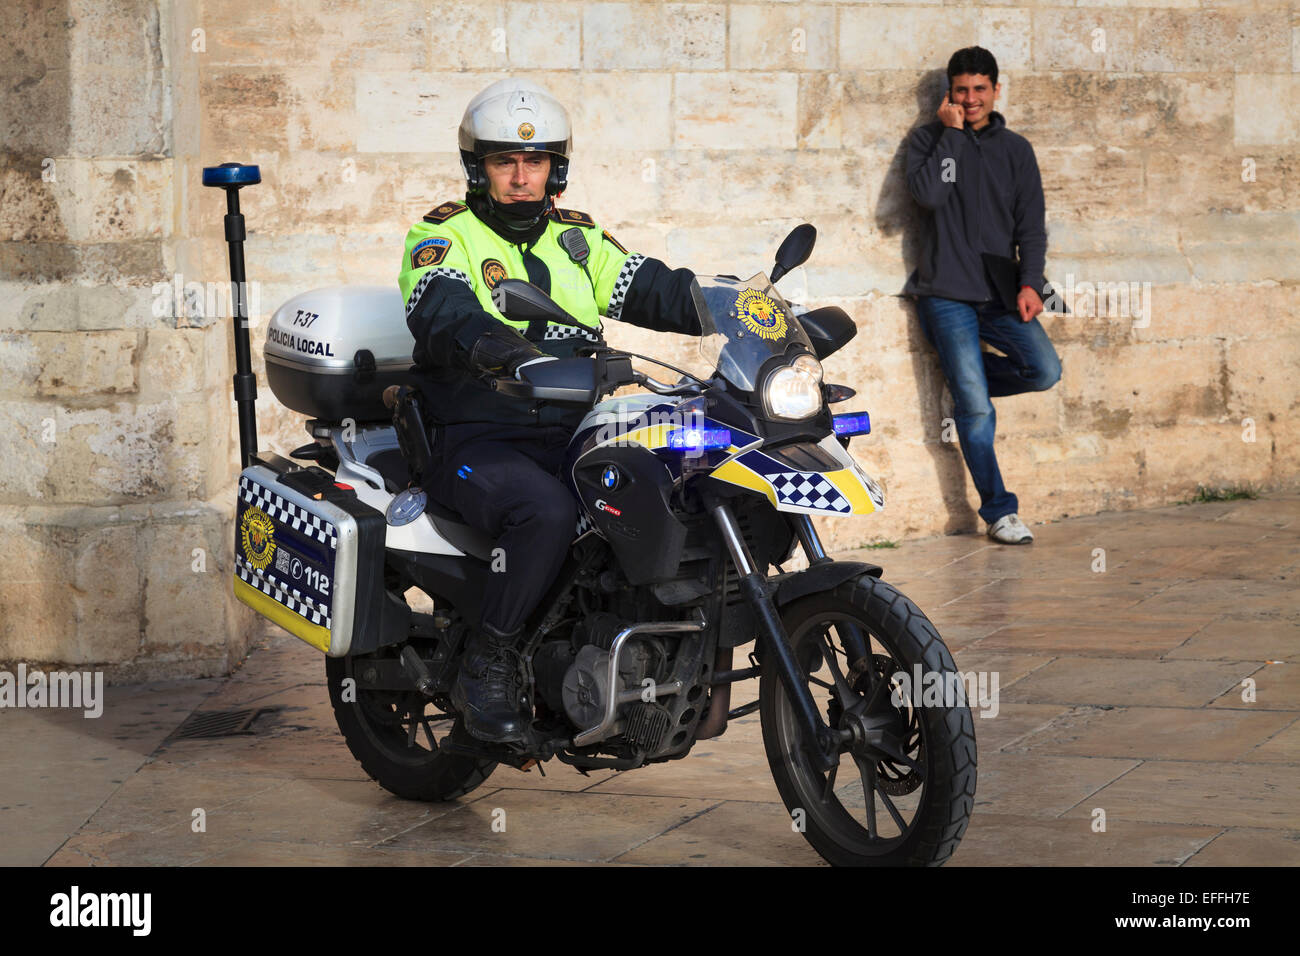 Spanischer Verkehr Polizei-Motorradfahrer in Fußgängerzone von Valencia Stockbild